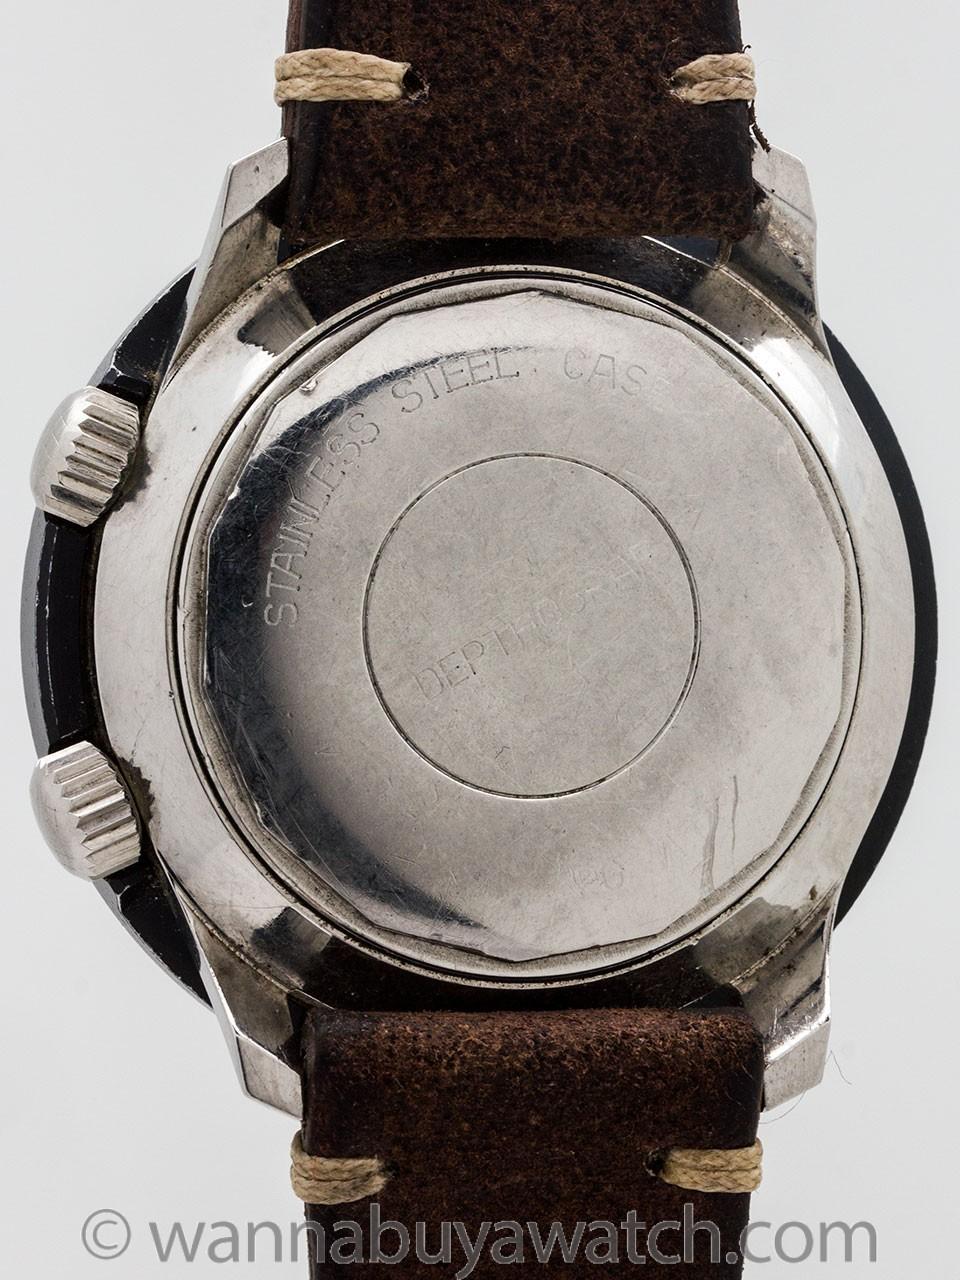 Le Jour Depthograf Super Compressor Diver's Model circa 1960s